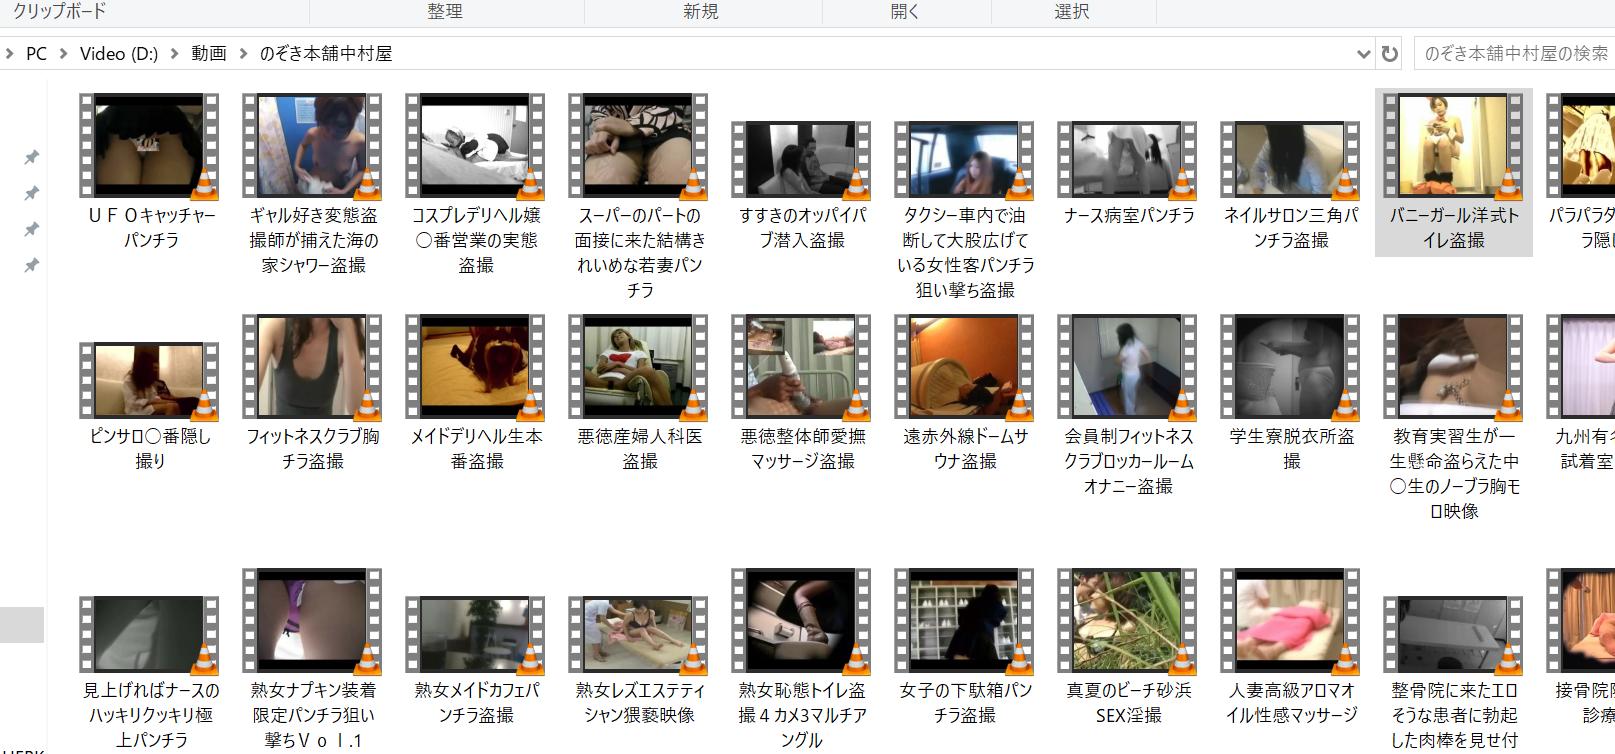 私がのぞき本舗中村屋からダウンロードした無修正盗撮動画の一部